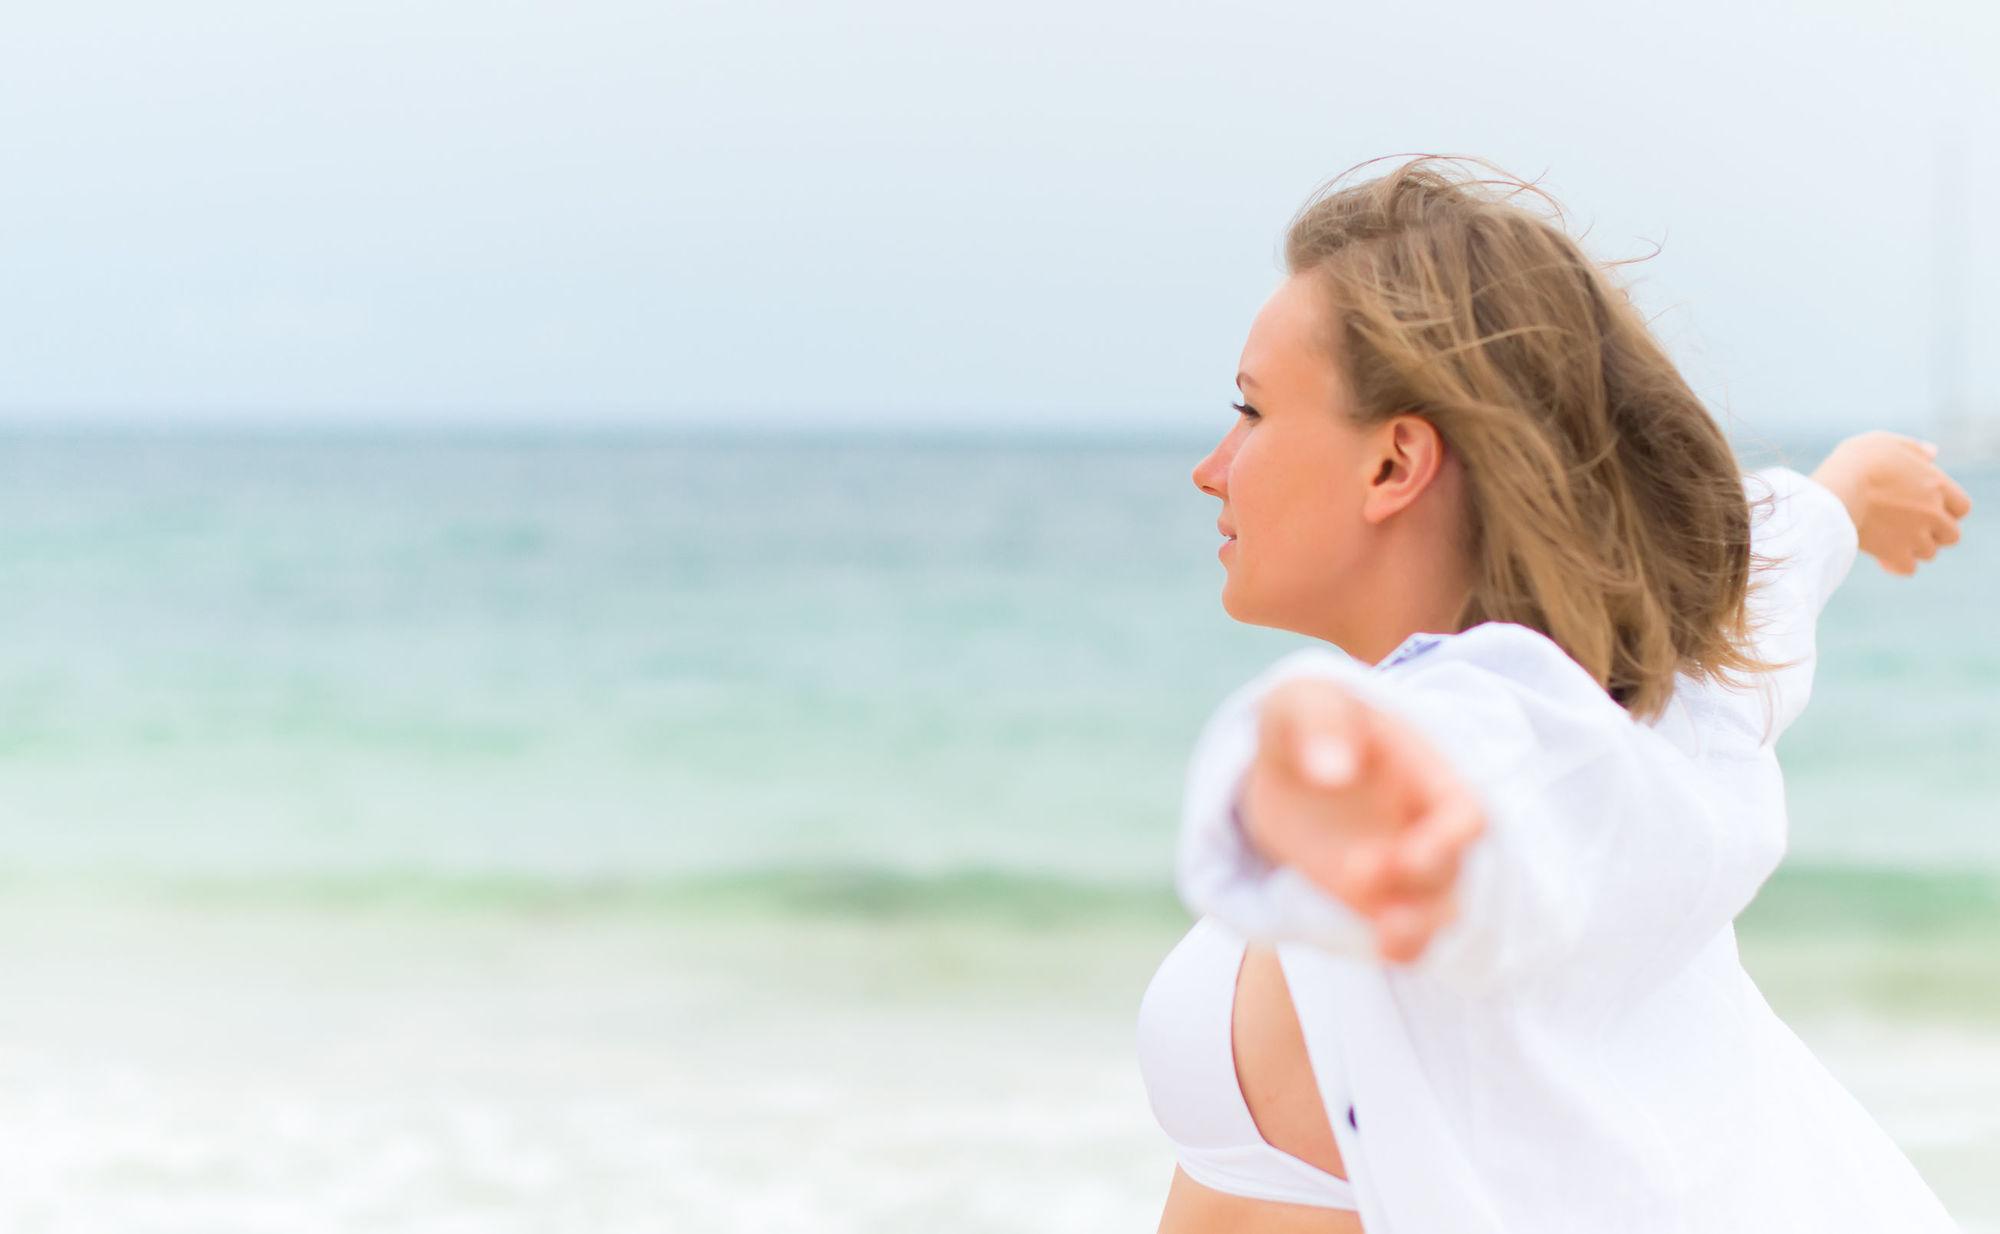 Chica libre en la playa